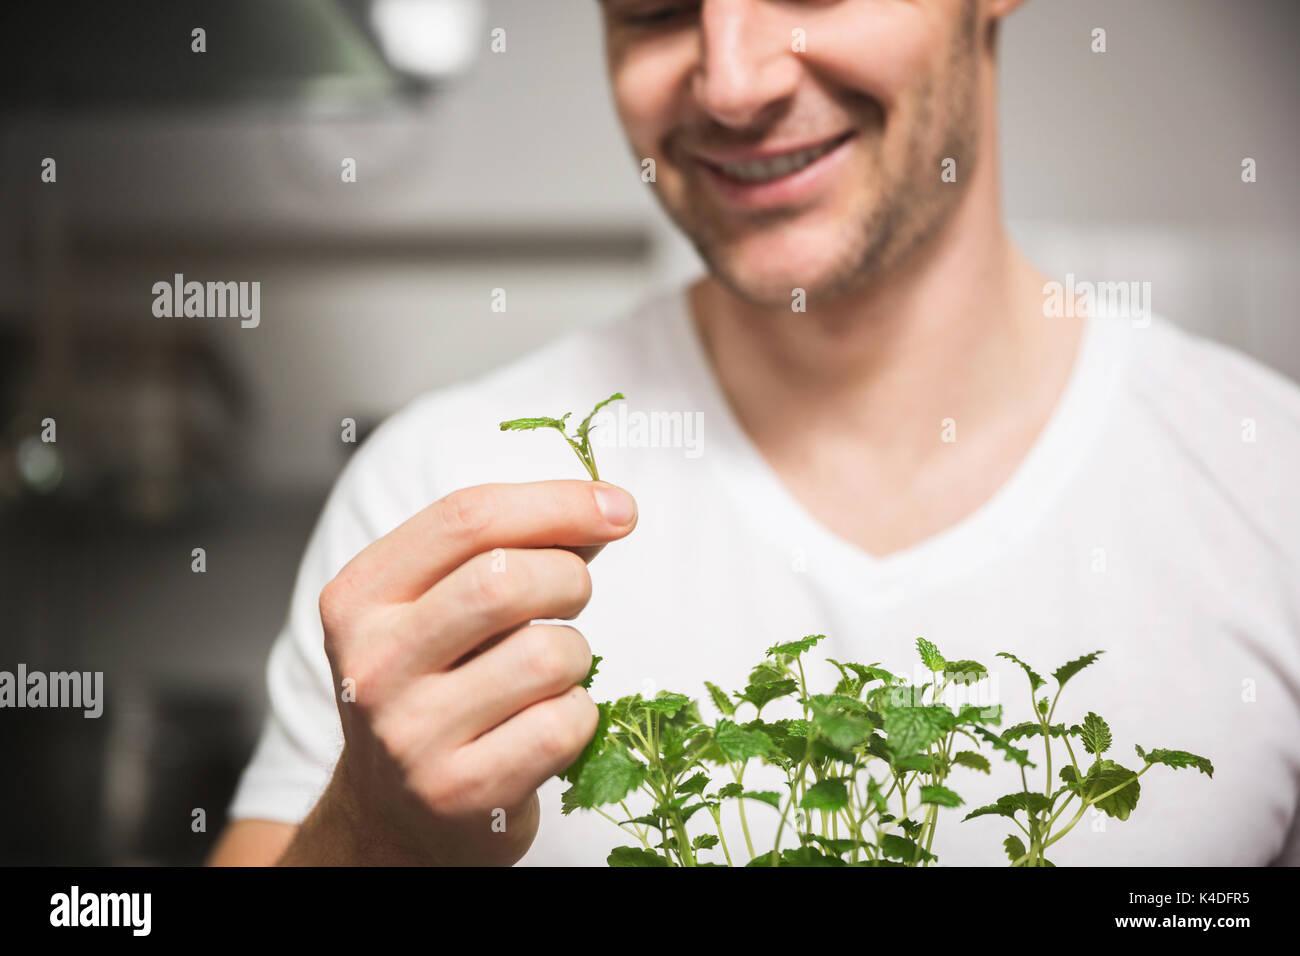 7/8-Portrait von Happy Chef holding Stück Zitronenmelisse Stockbild